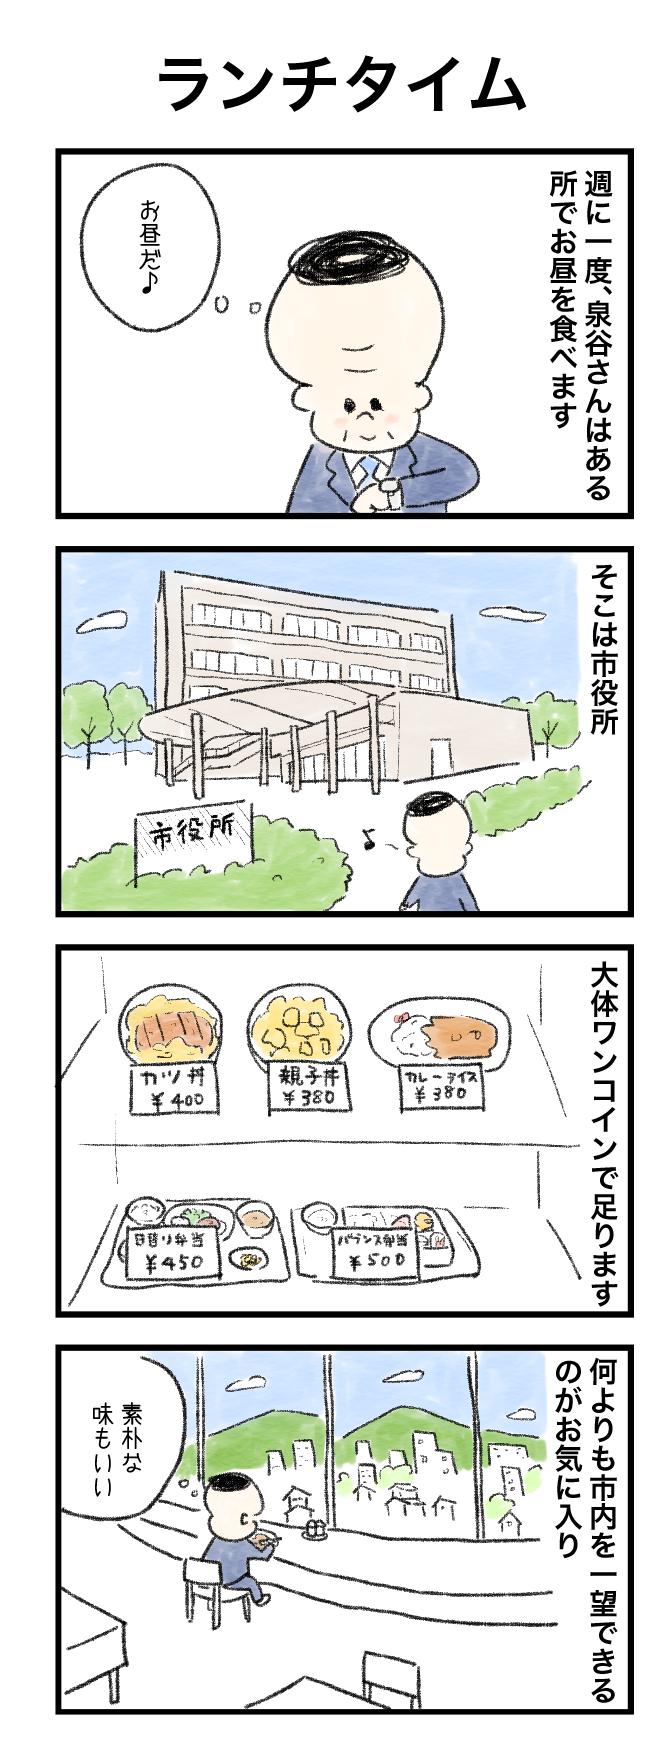 今日の泉谷さん【31】 作:カワサキヒロシ(ごとお日漫画)